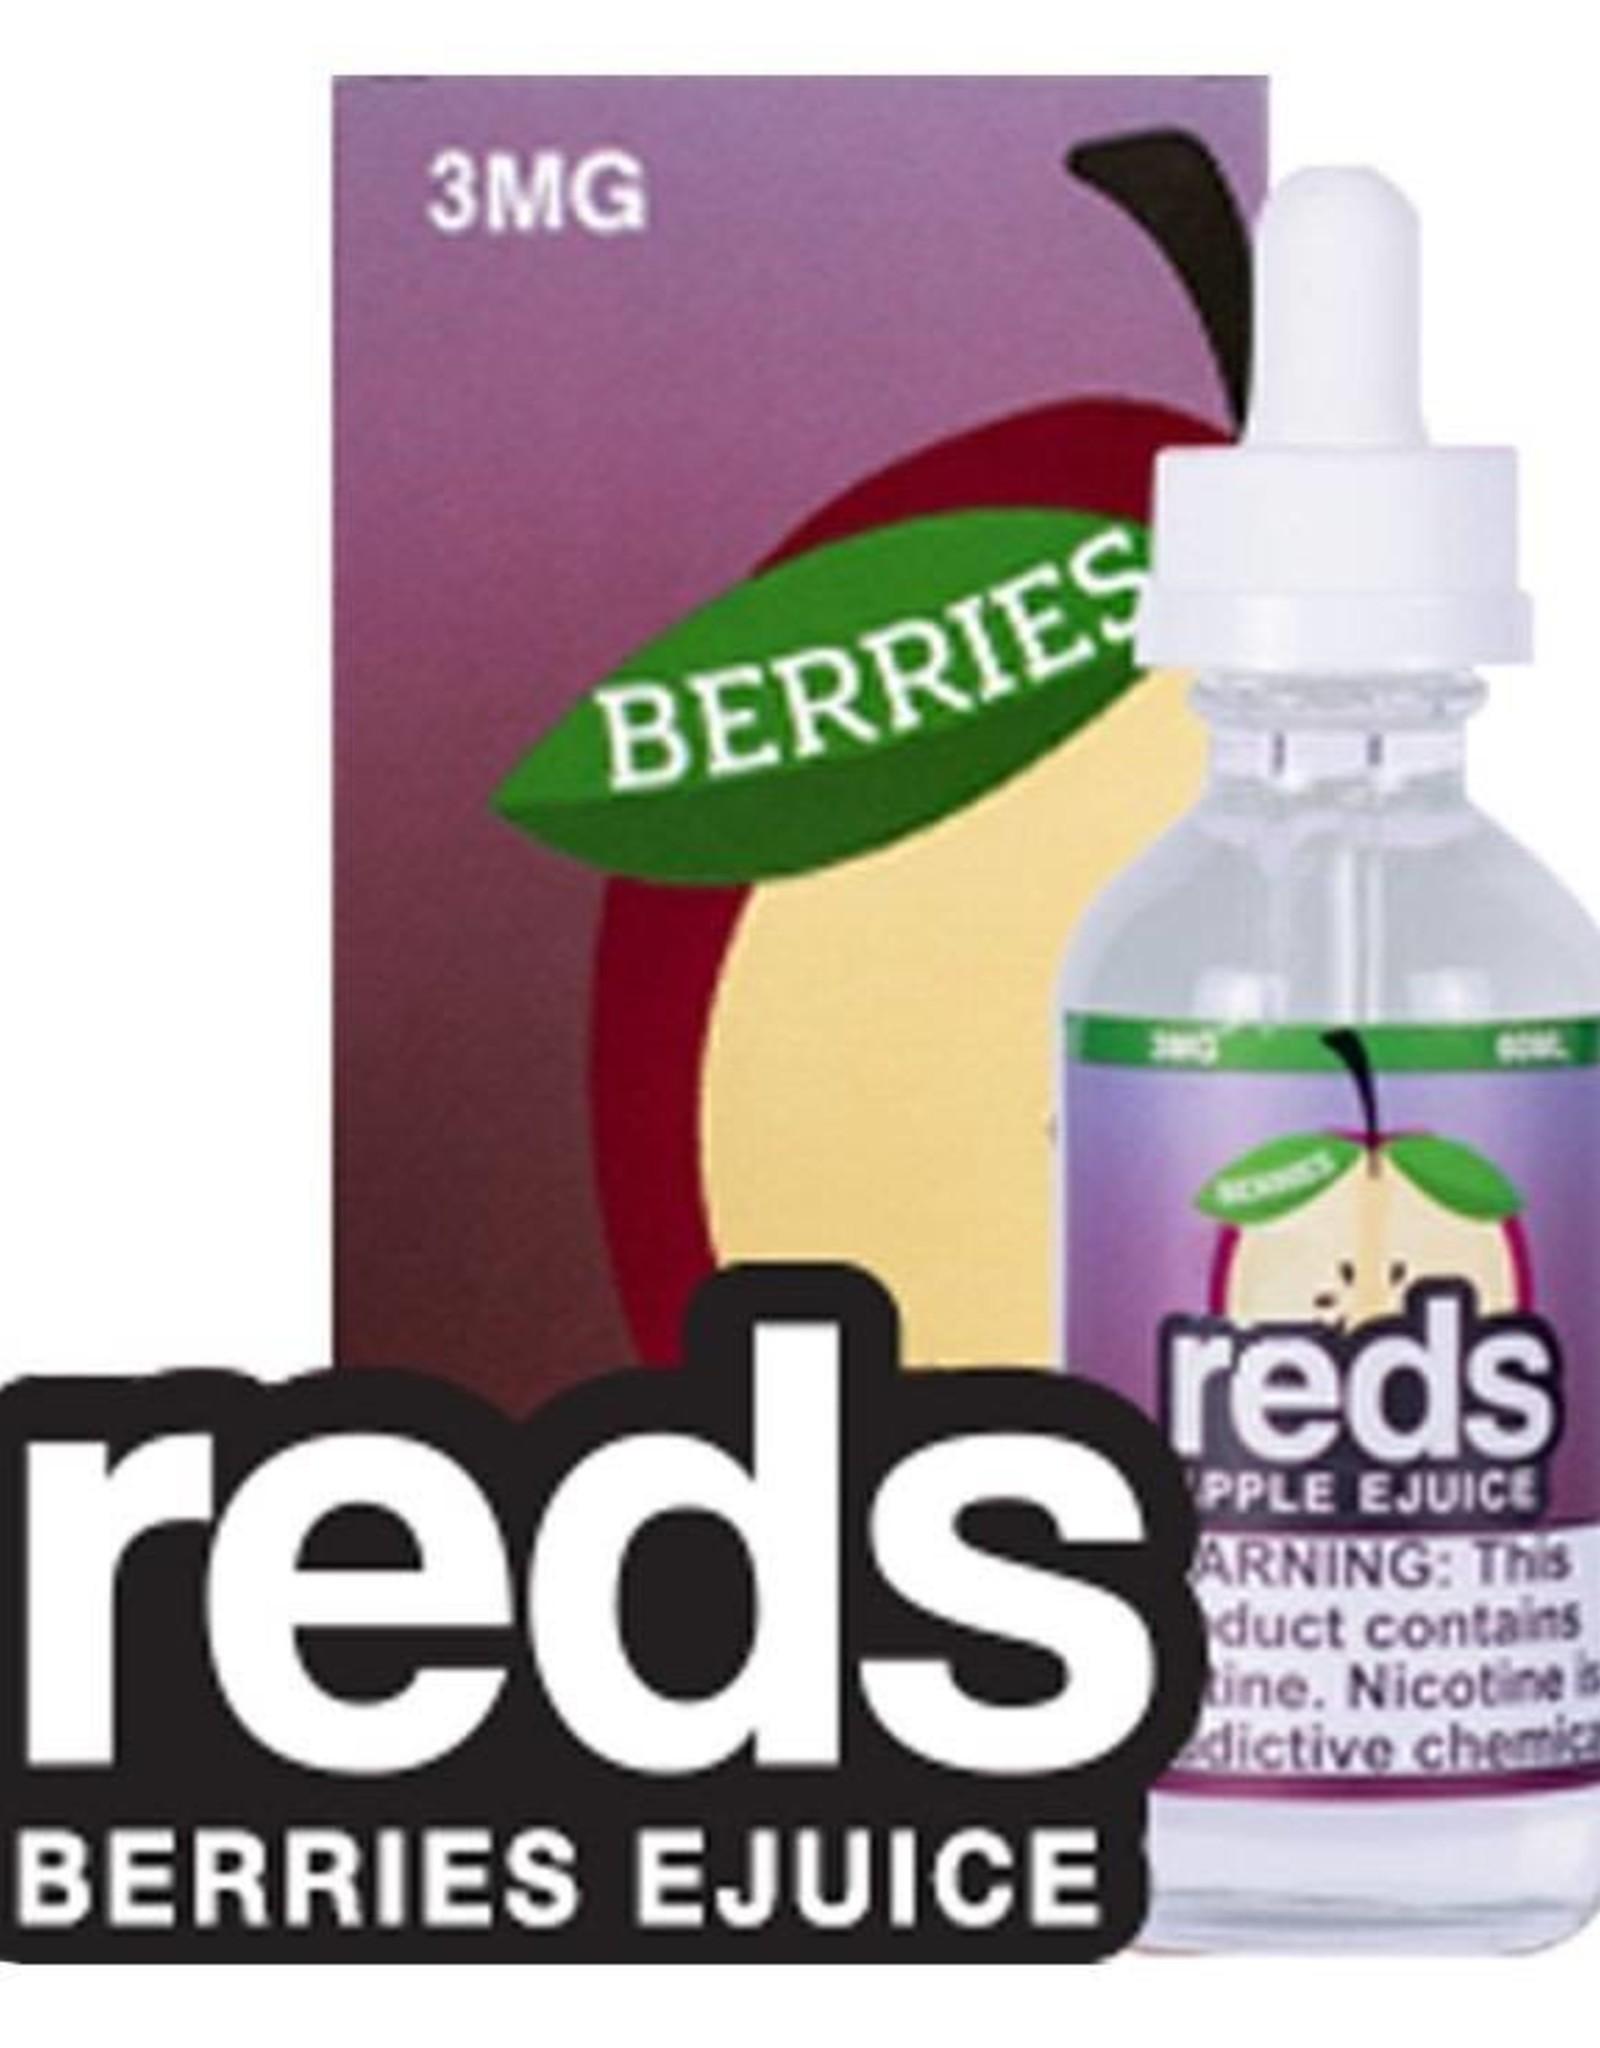 7 Daze - Reds Apple *Berries* EJuice (60mL)